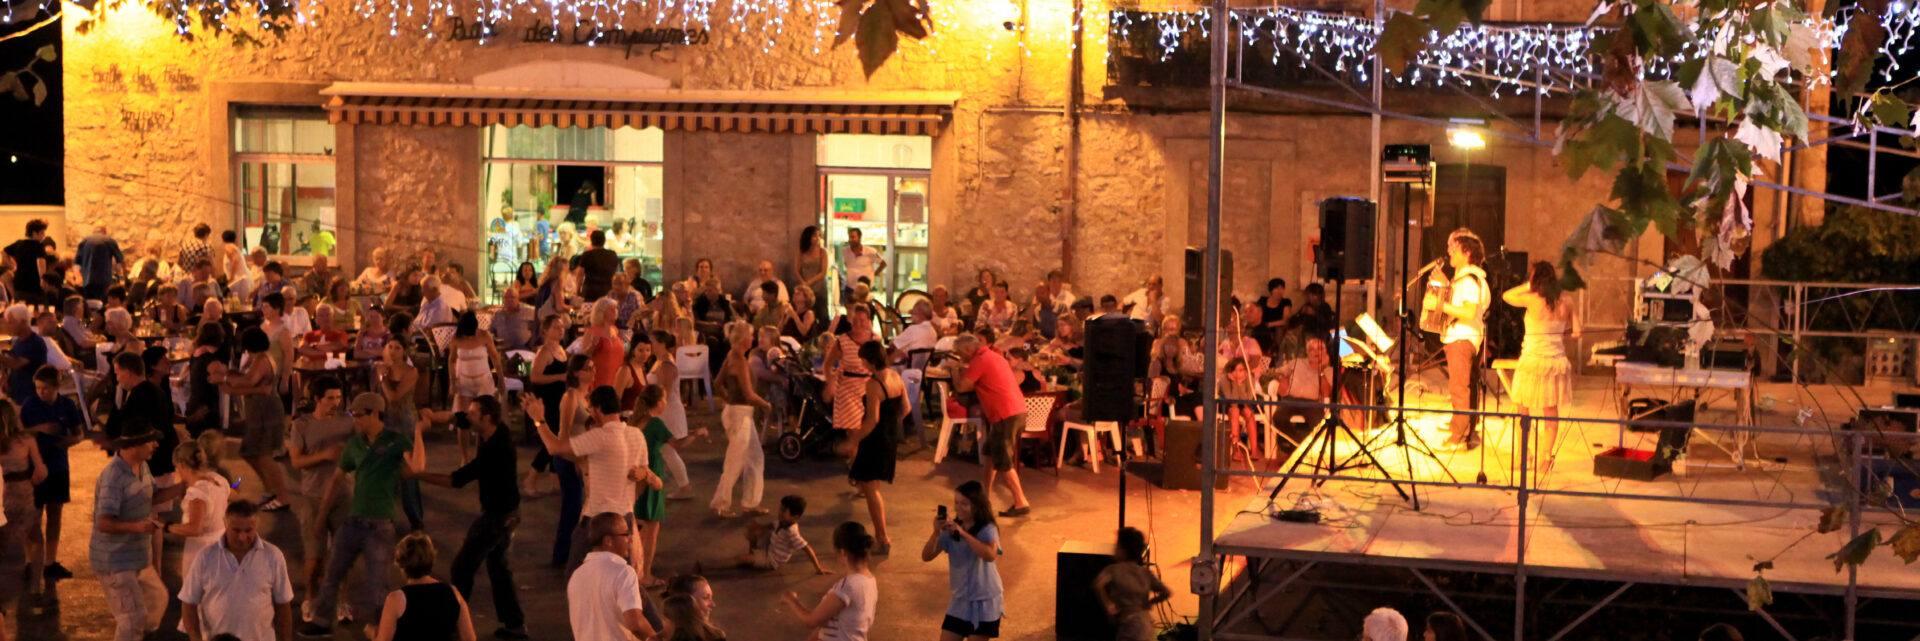 Soiree dansante sur la place du village à Fayence